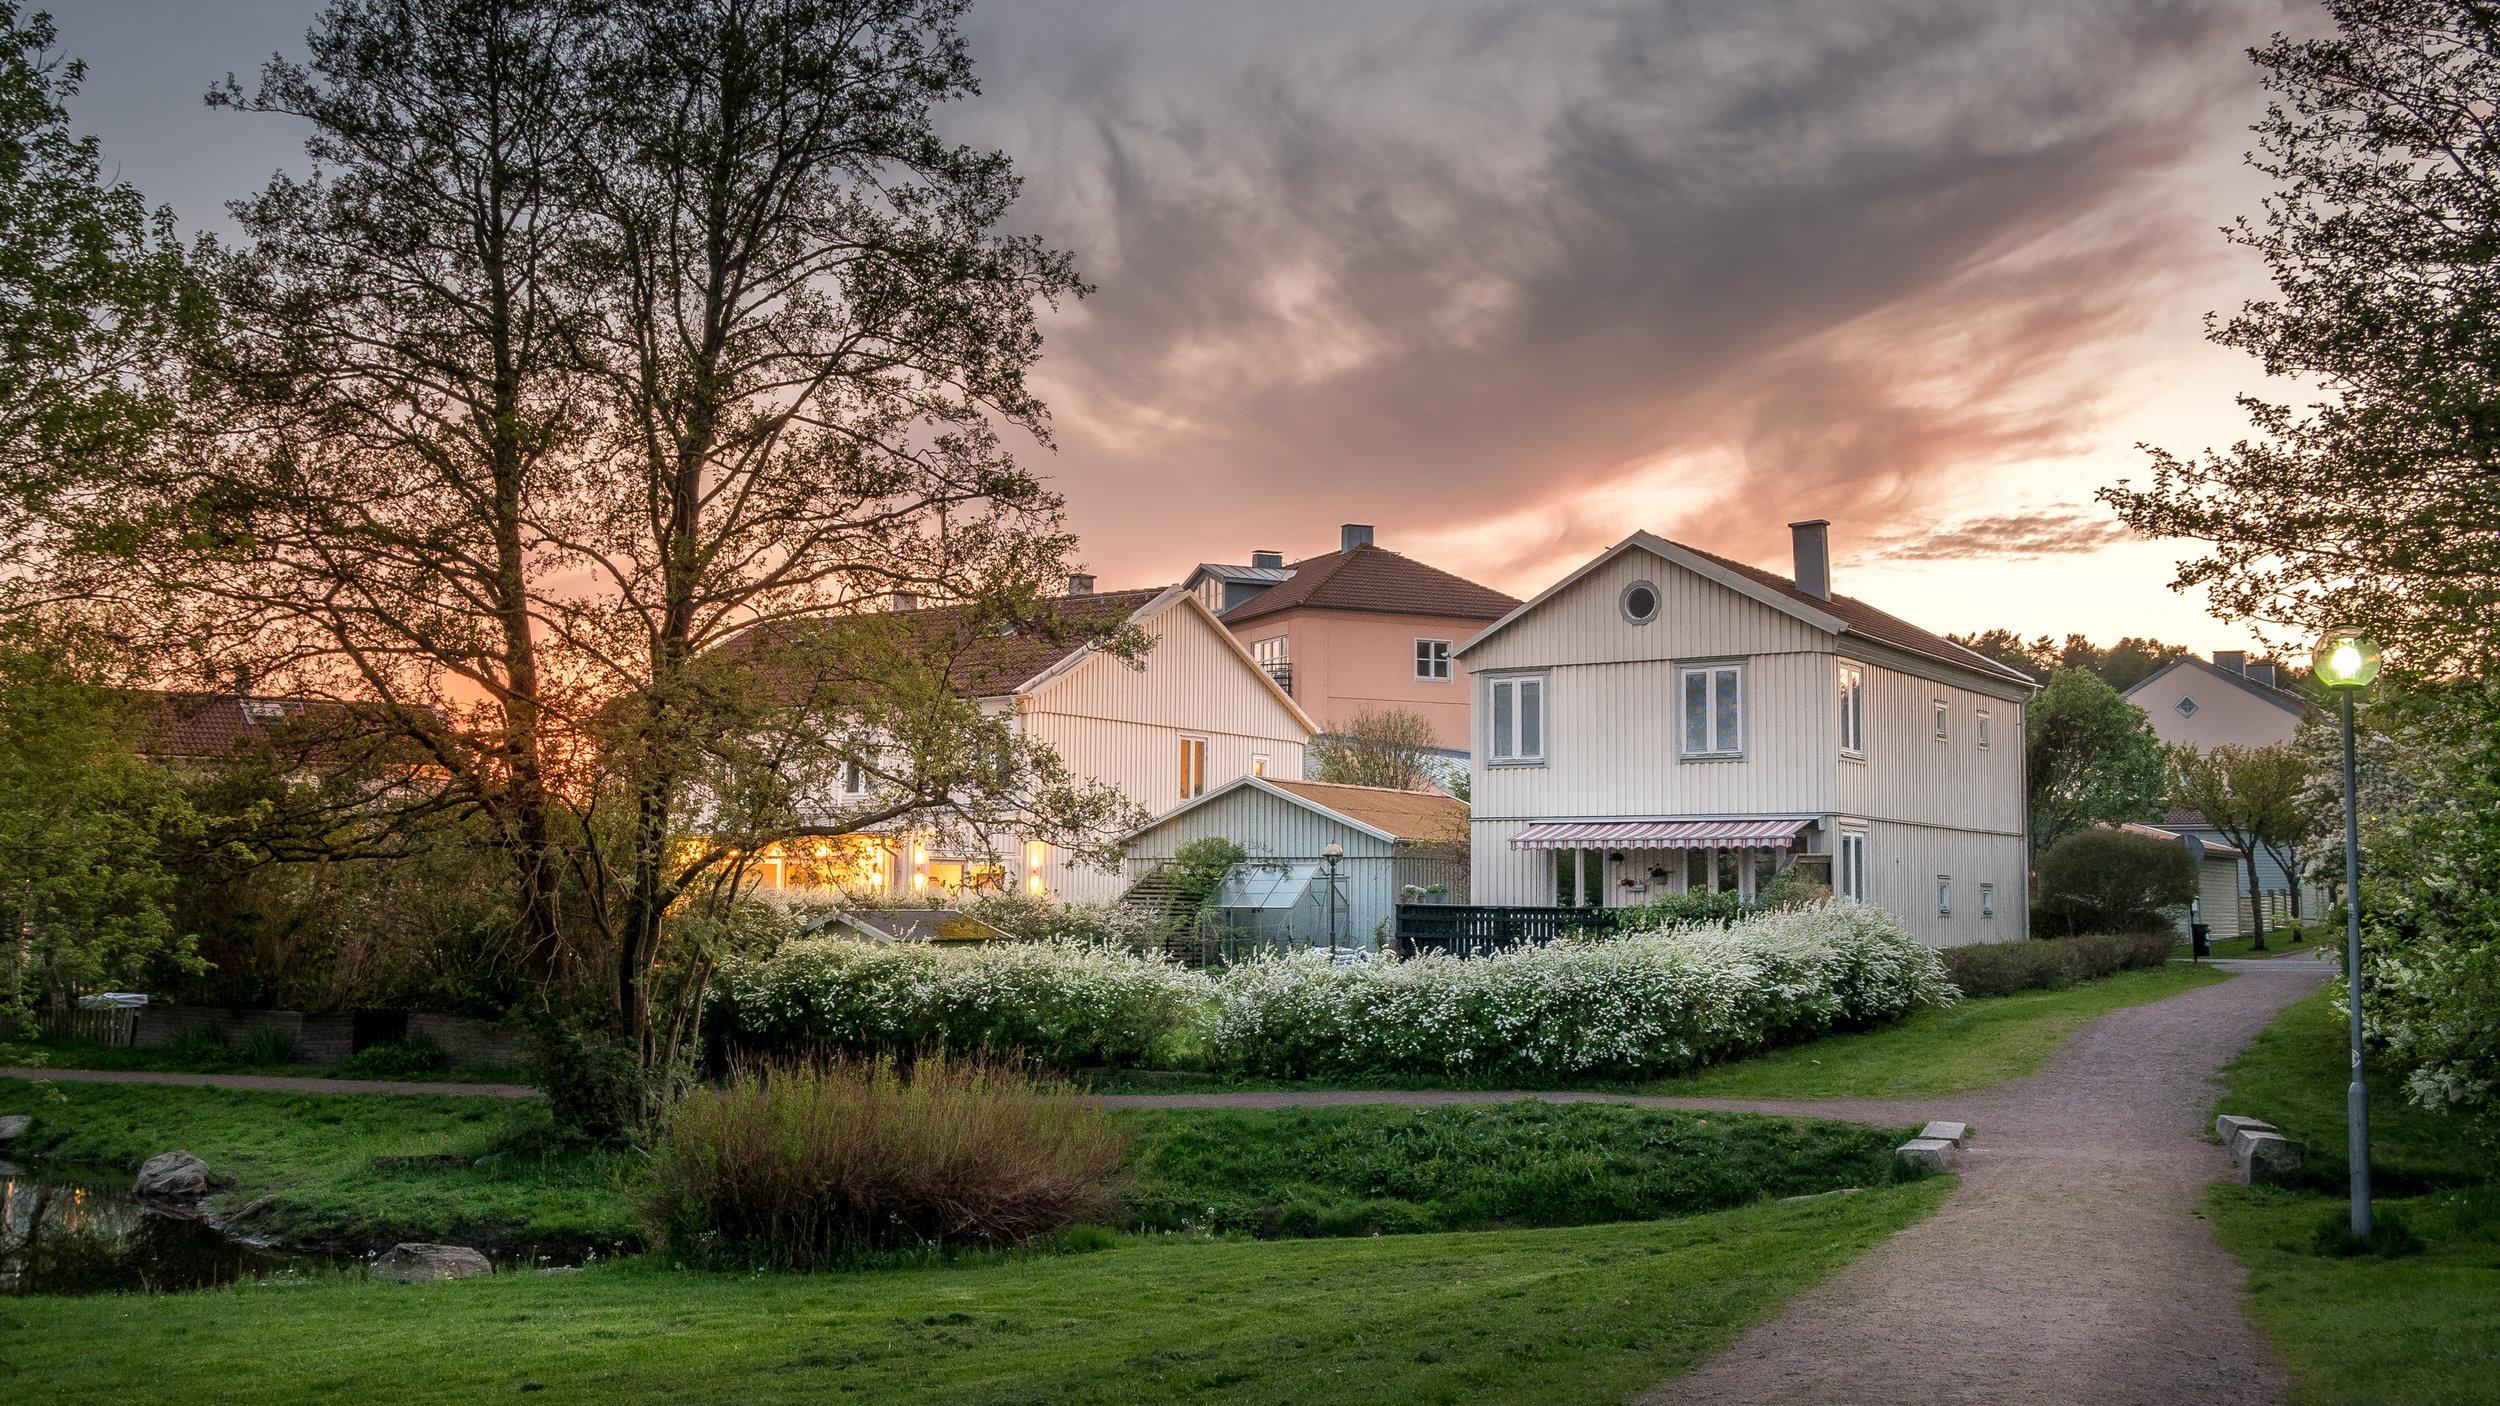 sunset-lights-the-houses-in-molndal-suburb-PF2VEUL.jpg